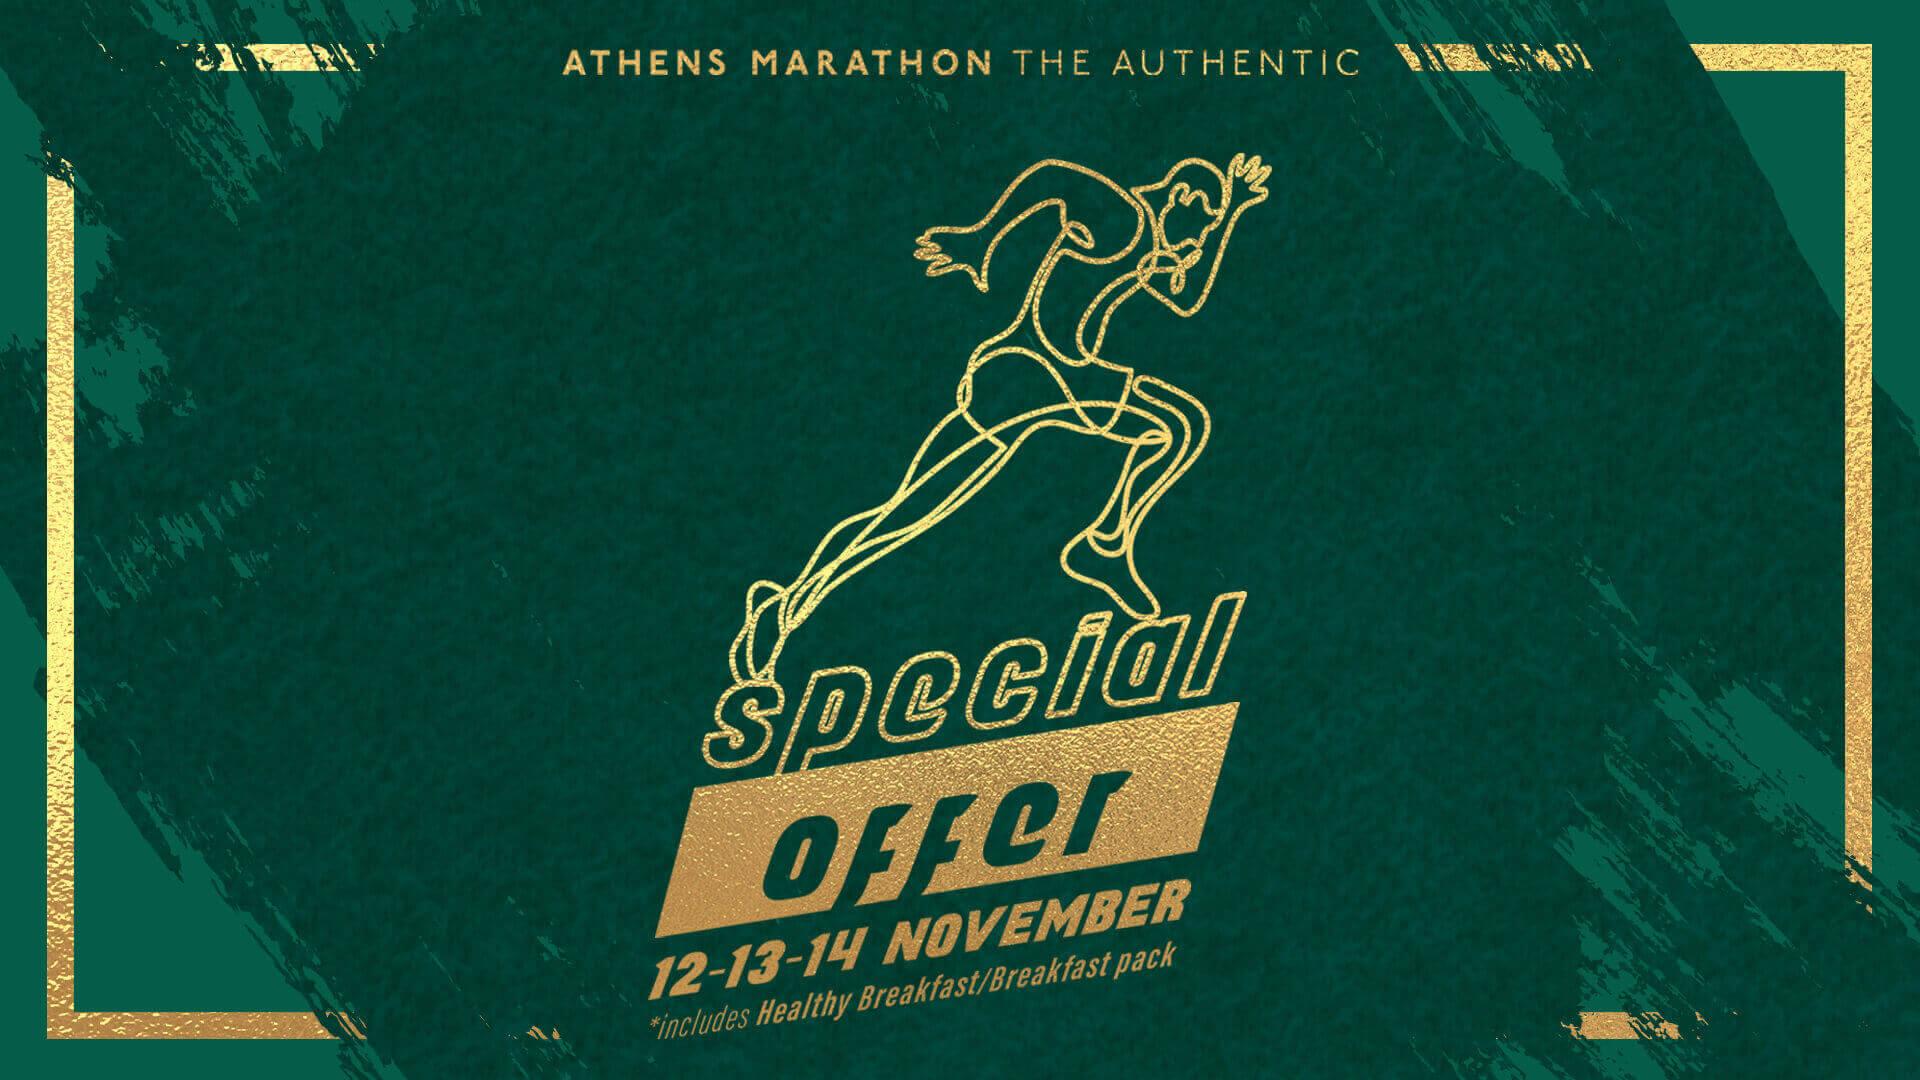 Το SAY HOTEL έτοιμο για τον φετινό Μαραθώνιο της Αθήνας, στις 13 & 14/11, 2021